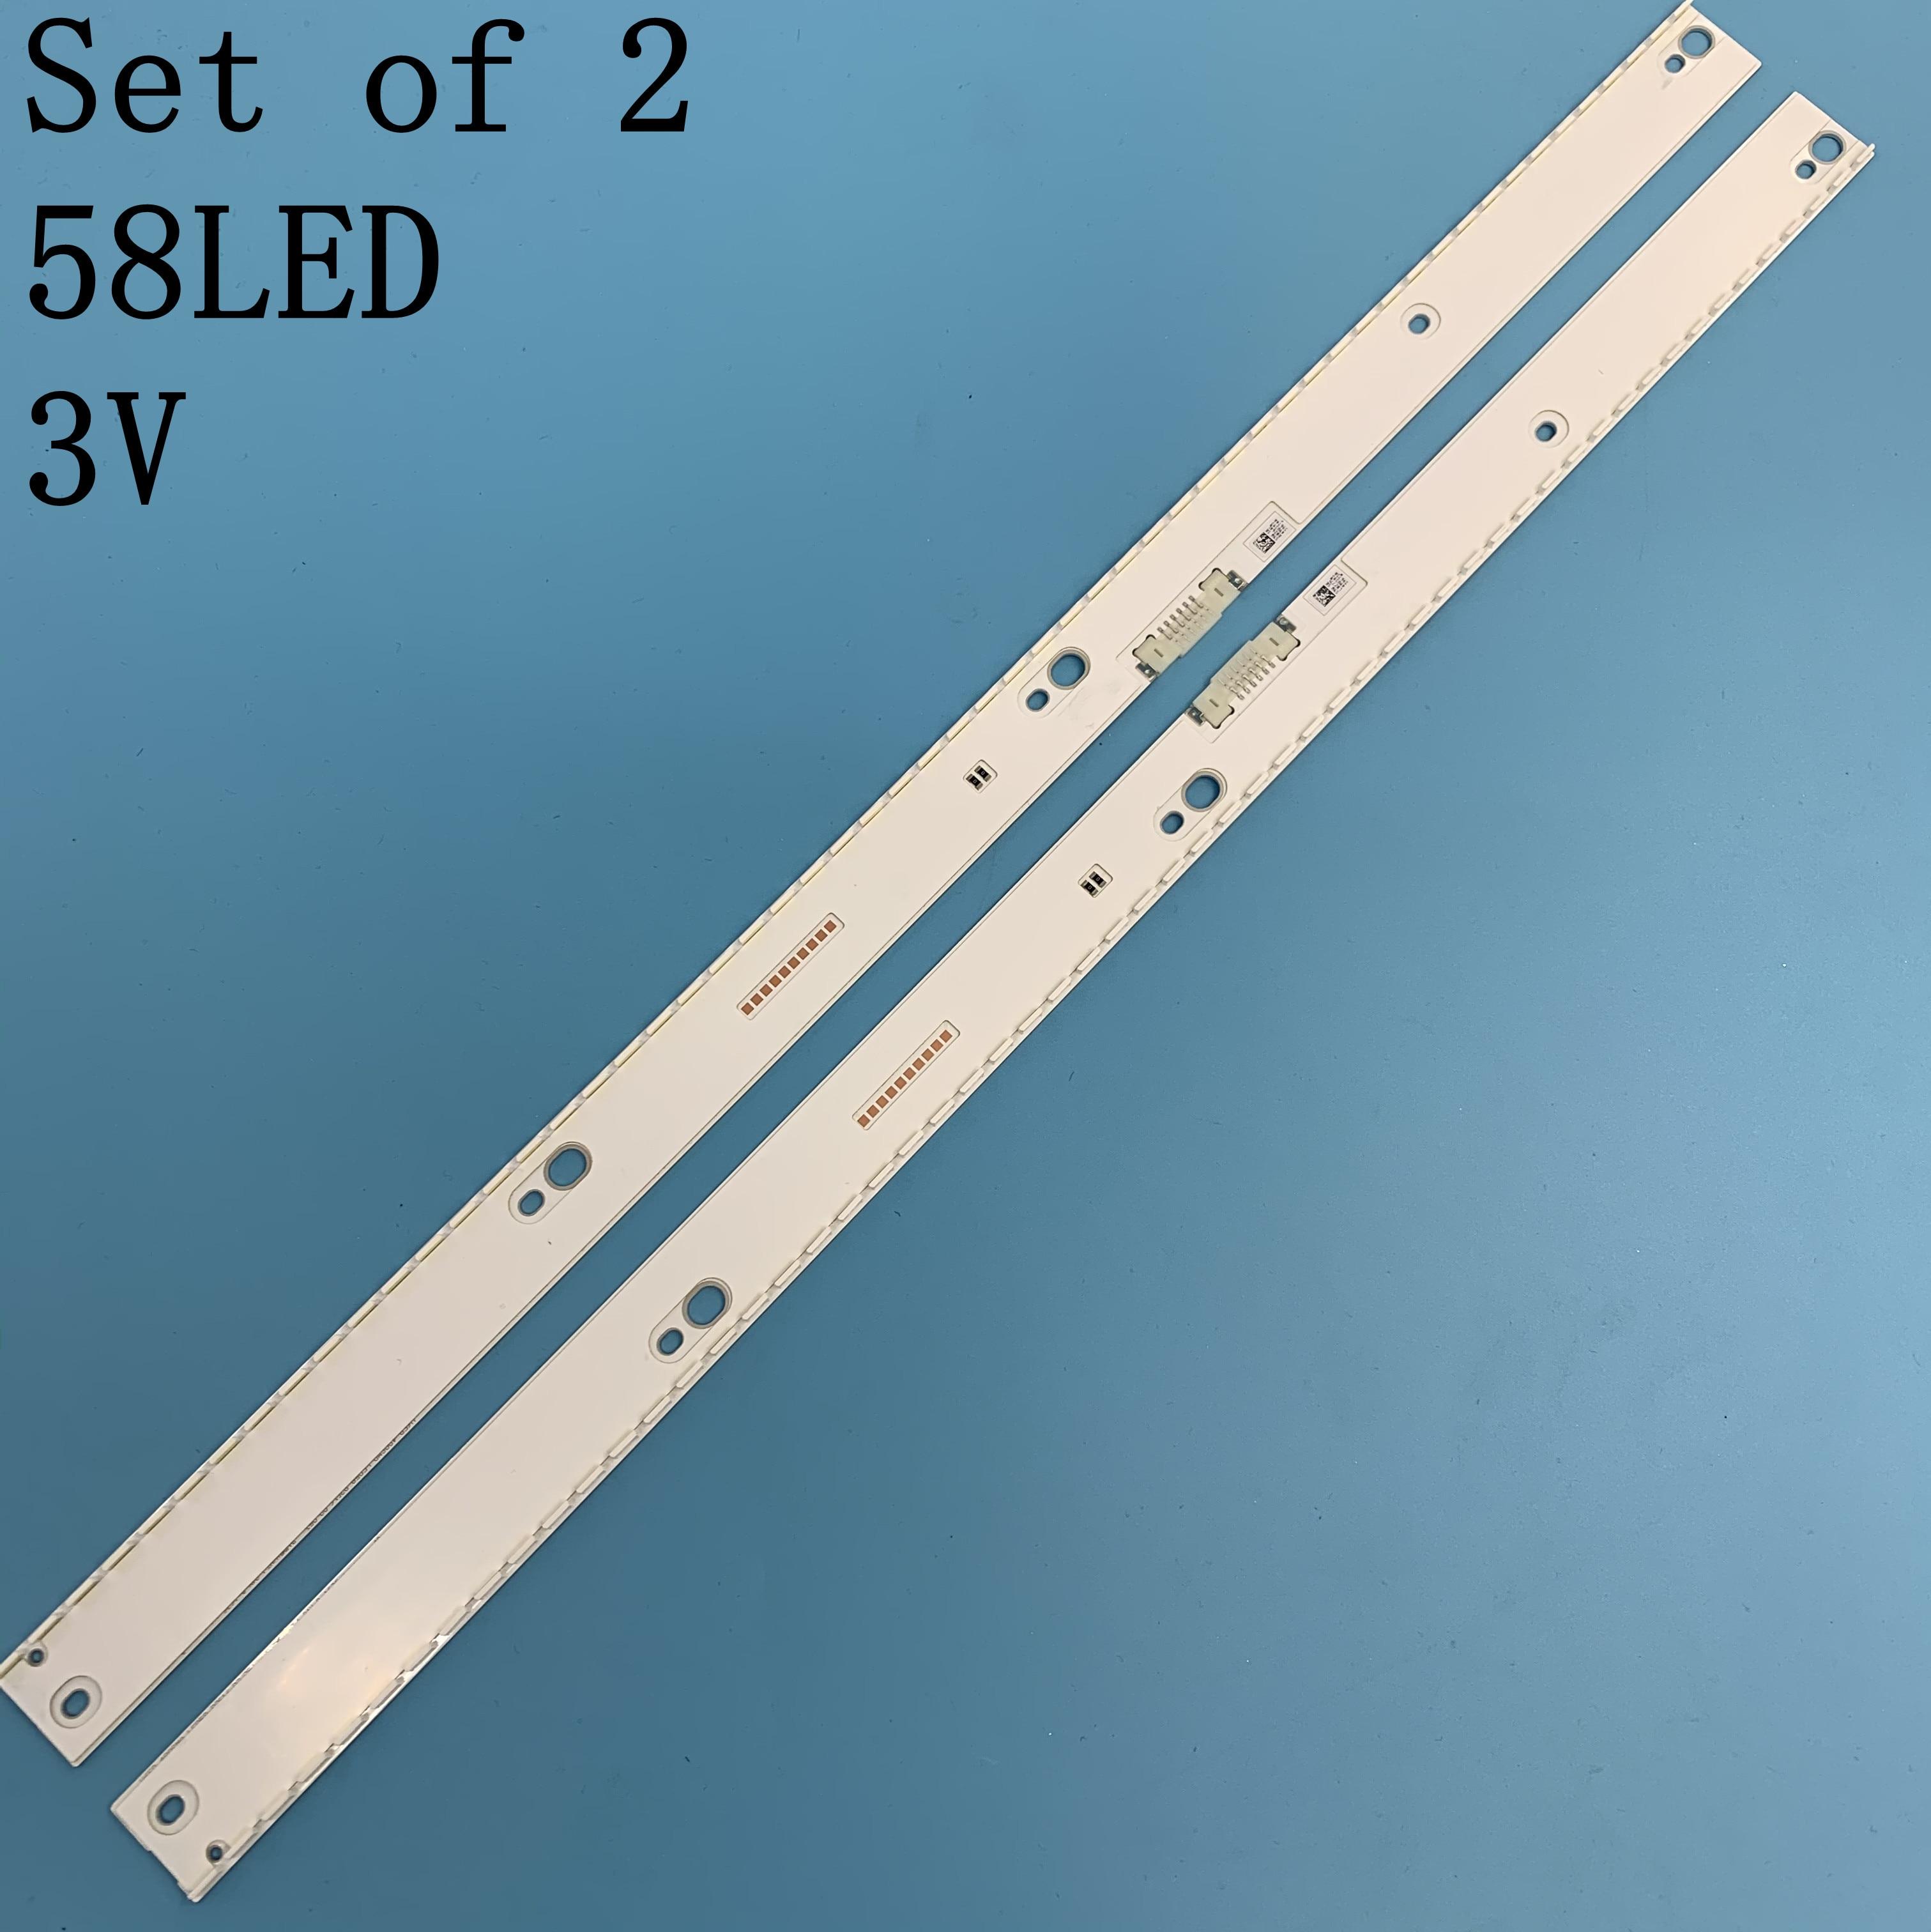 جديد LED الخلفية قطاع لسامسونج UE49KU6450 UE49KU6452 UE49KU6459 UE49KU6400 UE49MU6500 UE49MU7400 UE49KU6670U UE49KU6500